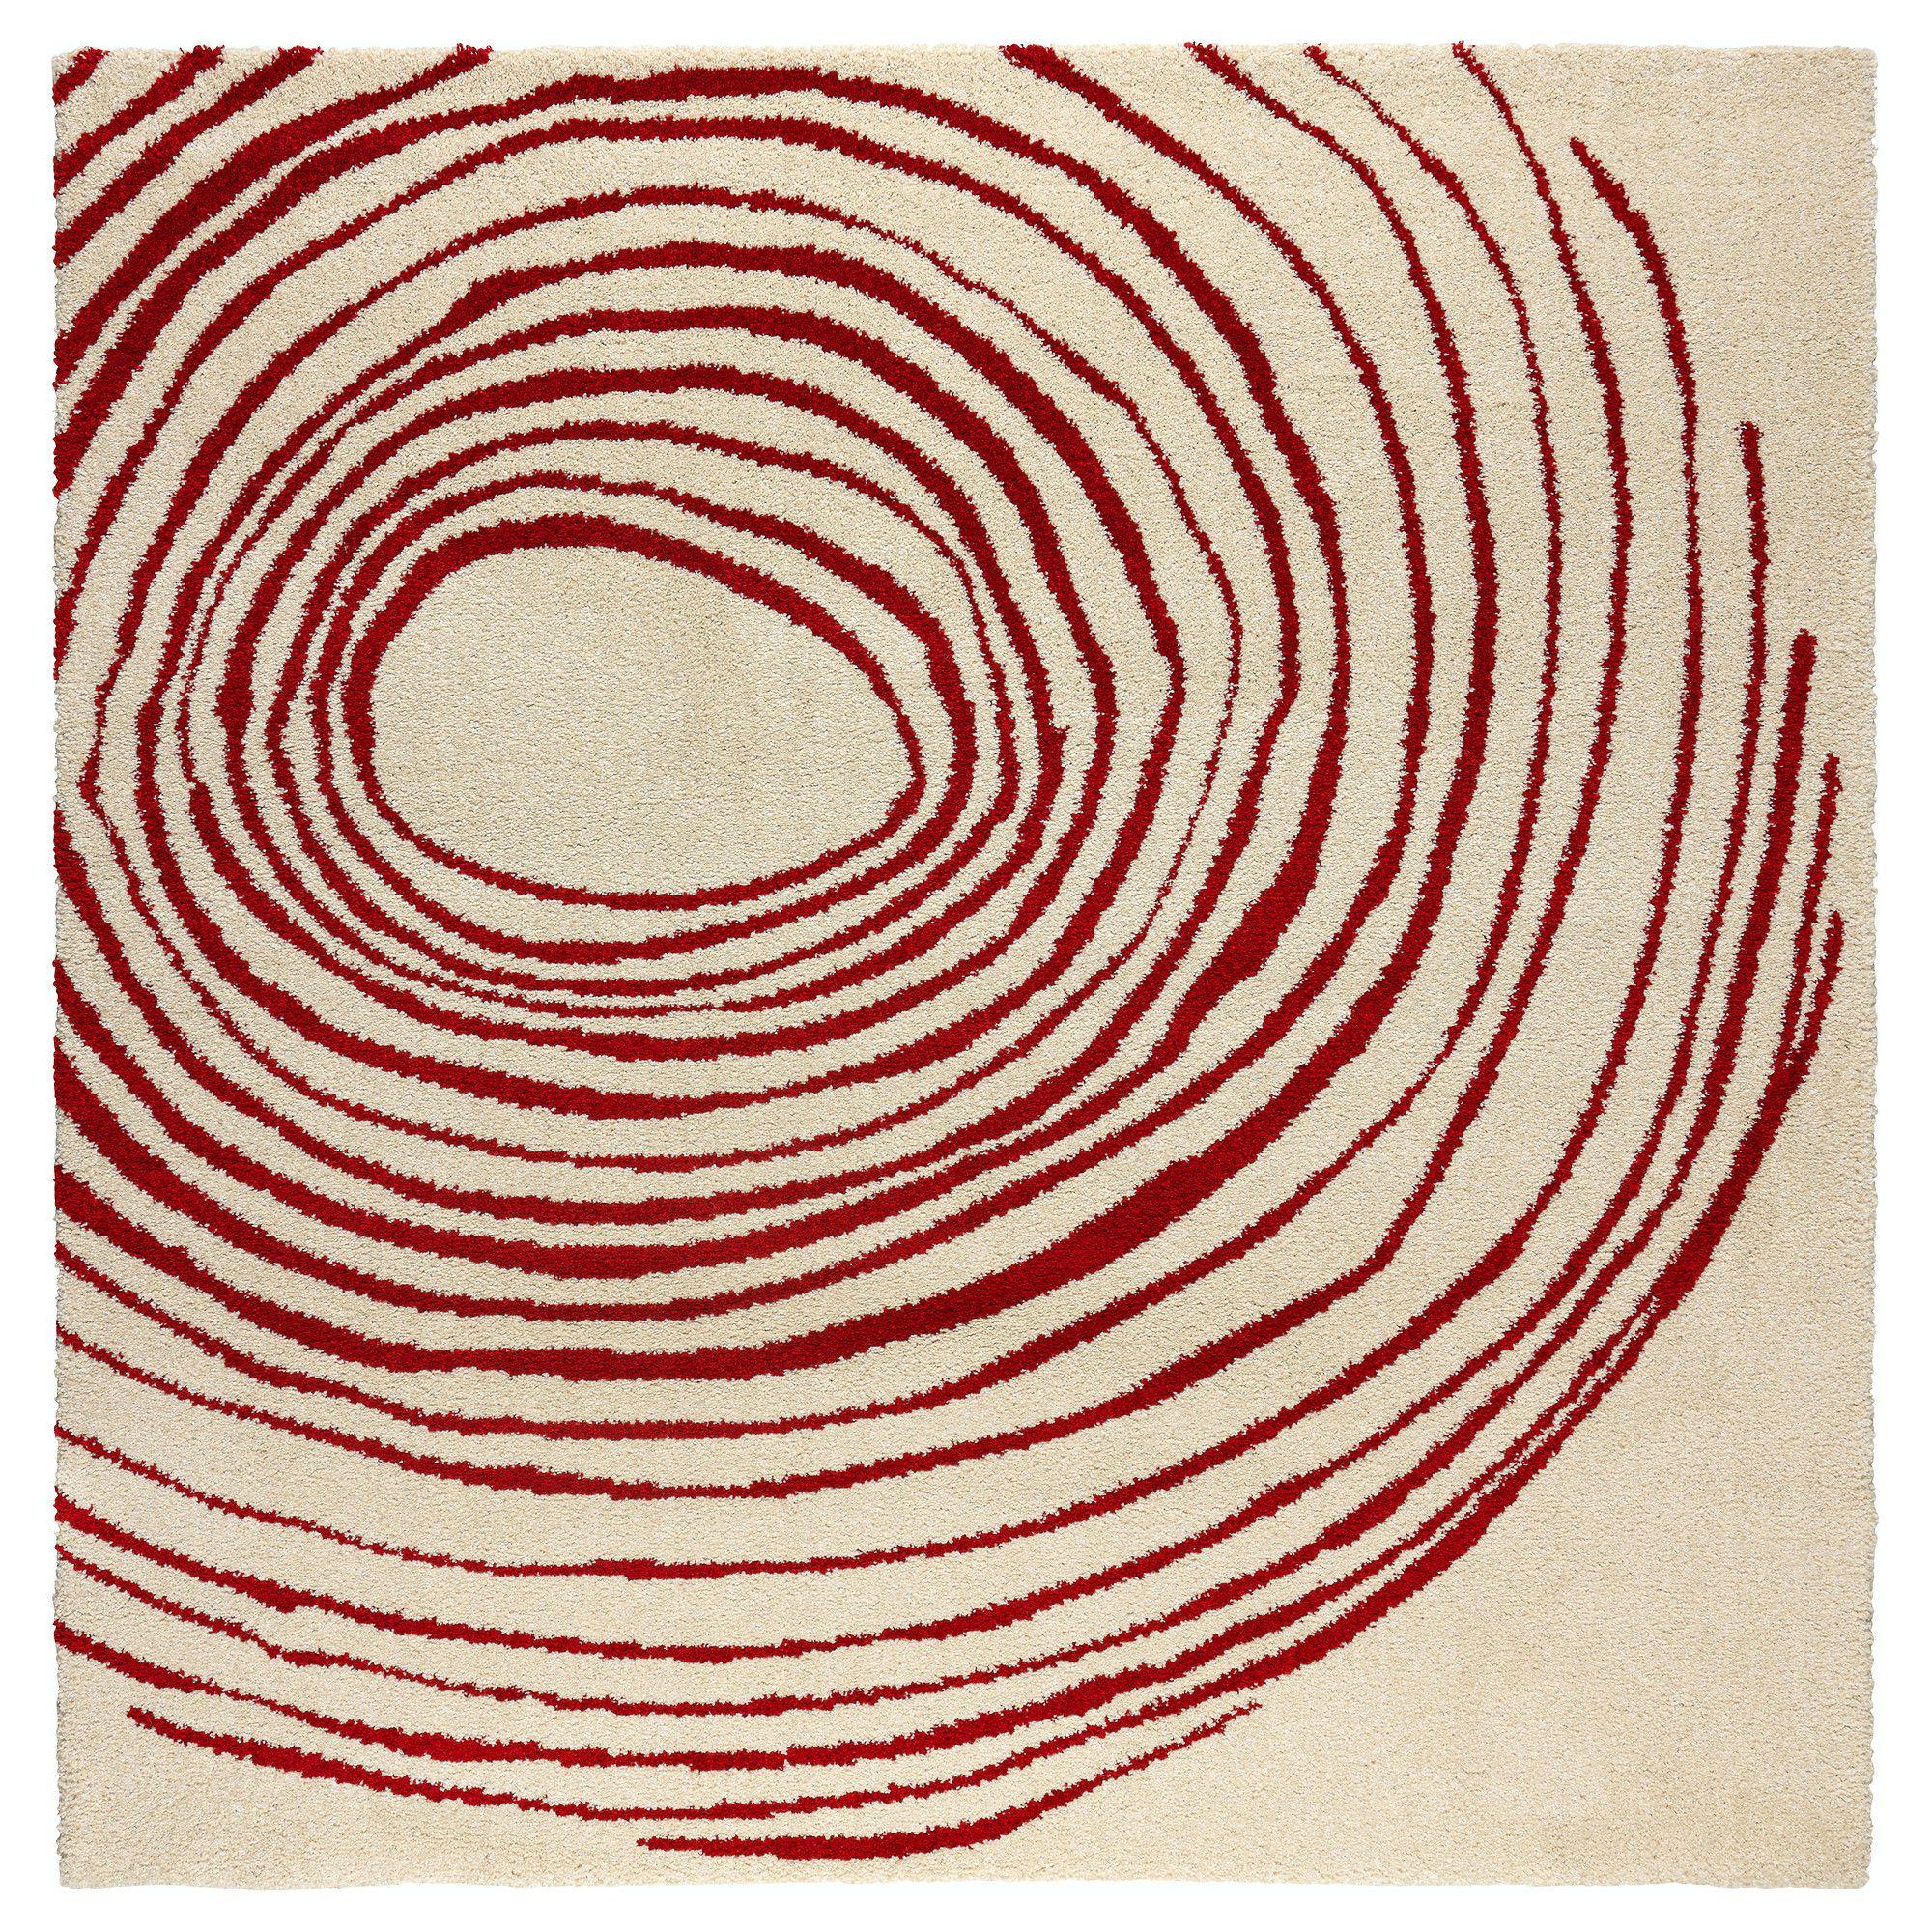 Eivor Cirkel Rug High Pile White Red 6 7 X6 7 Cirkel